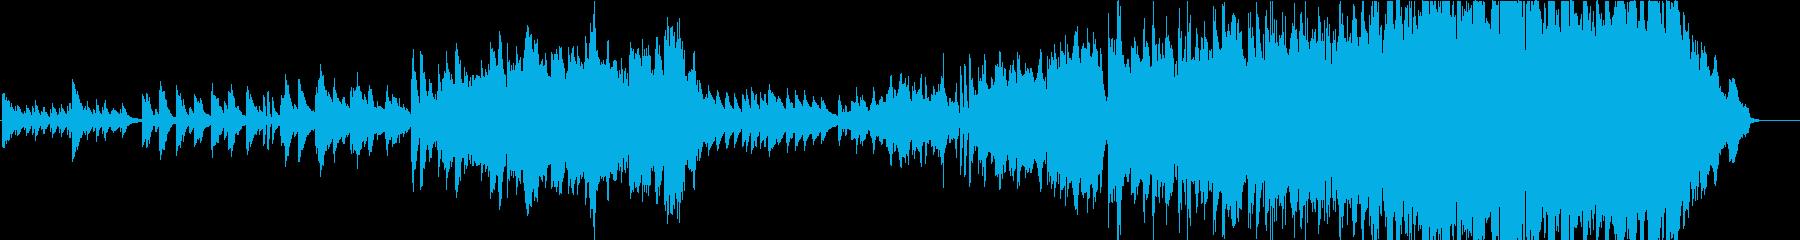 ピアノとストリングスの優しい曲、映像等にの再生済みの波形